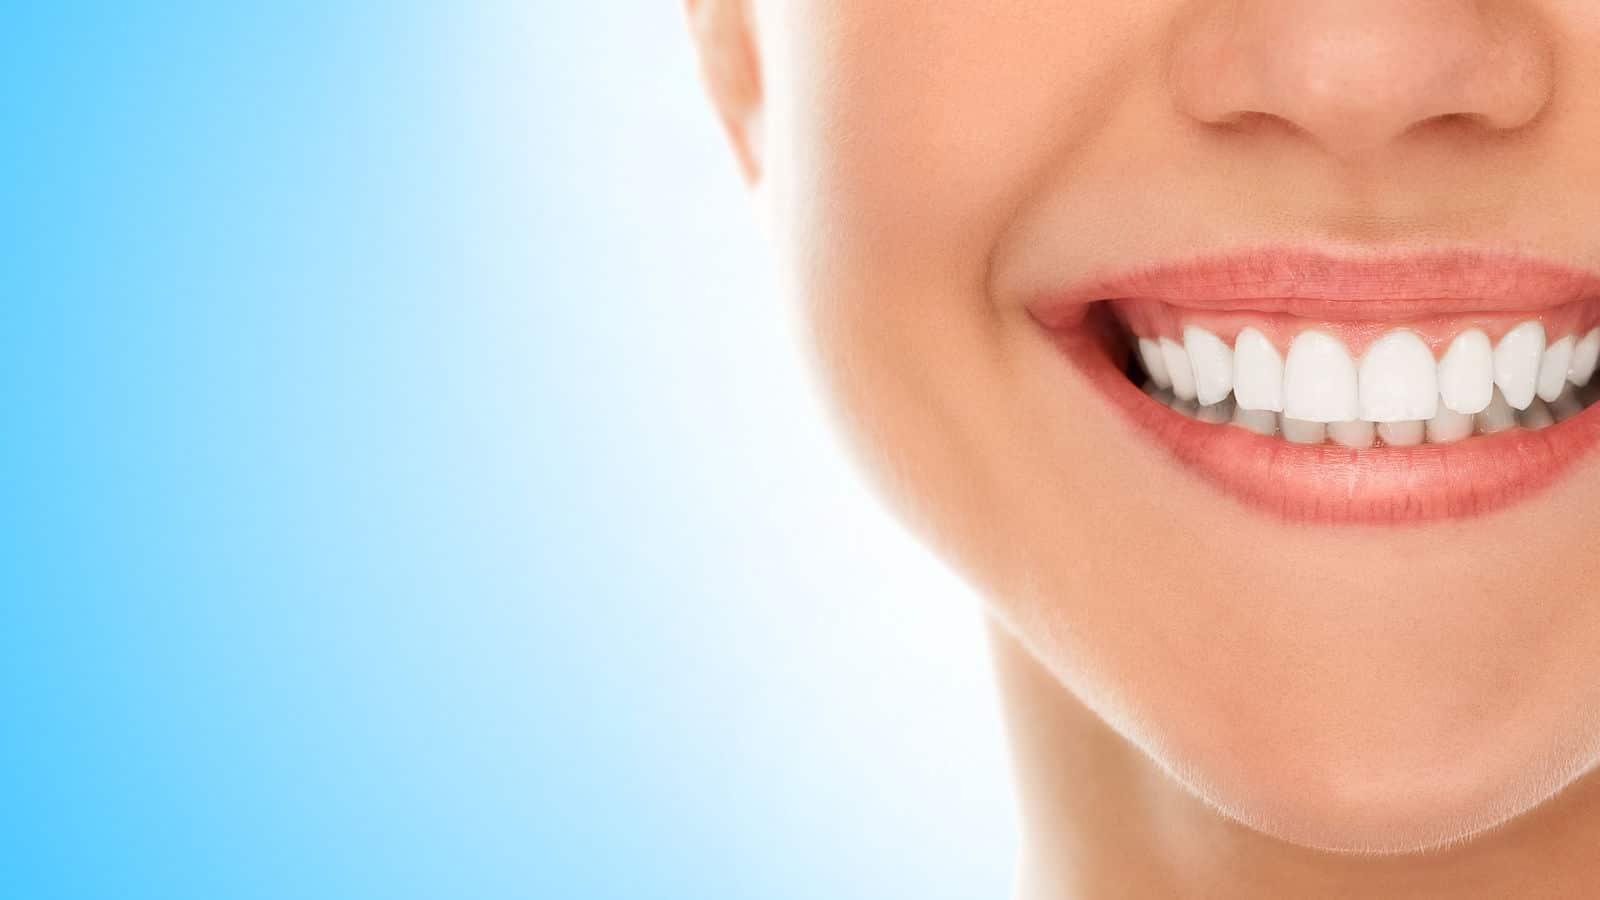 Monon Family Dental of Indianapolis